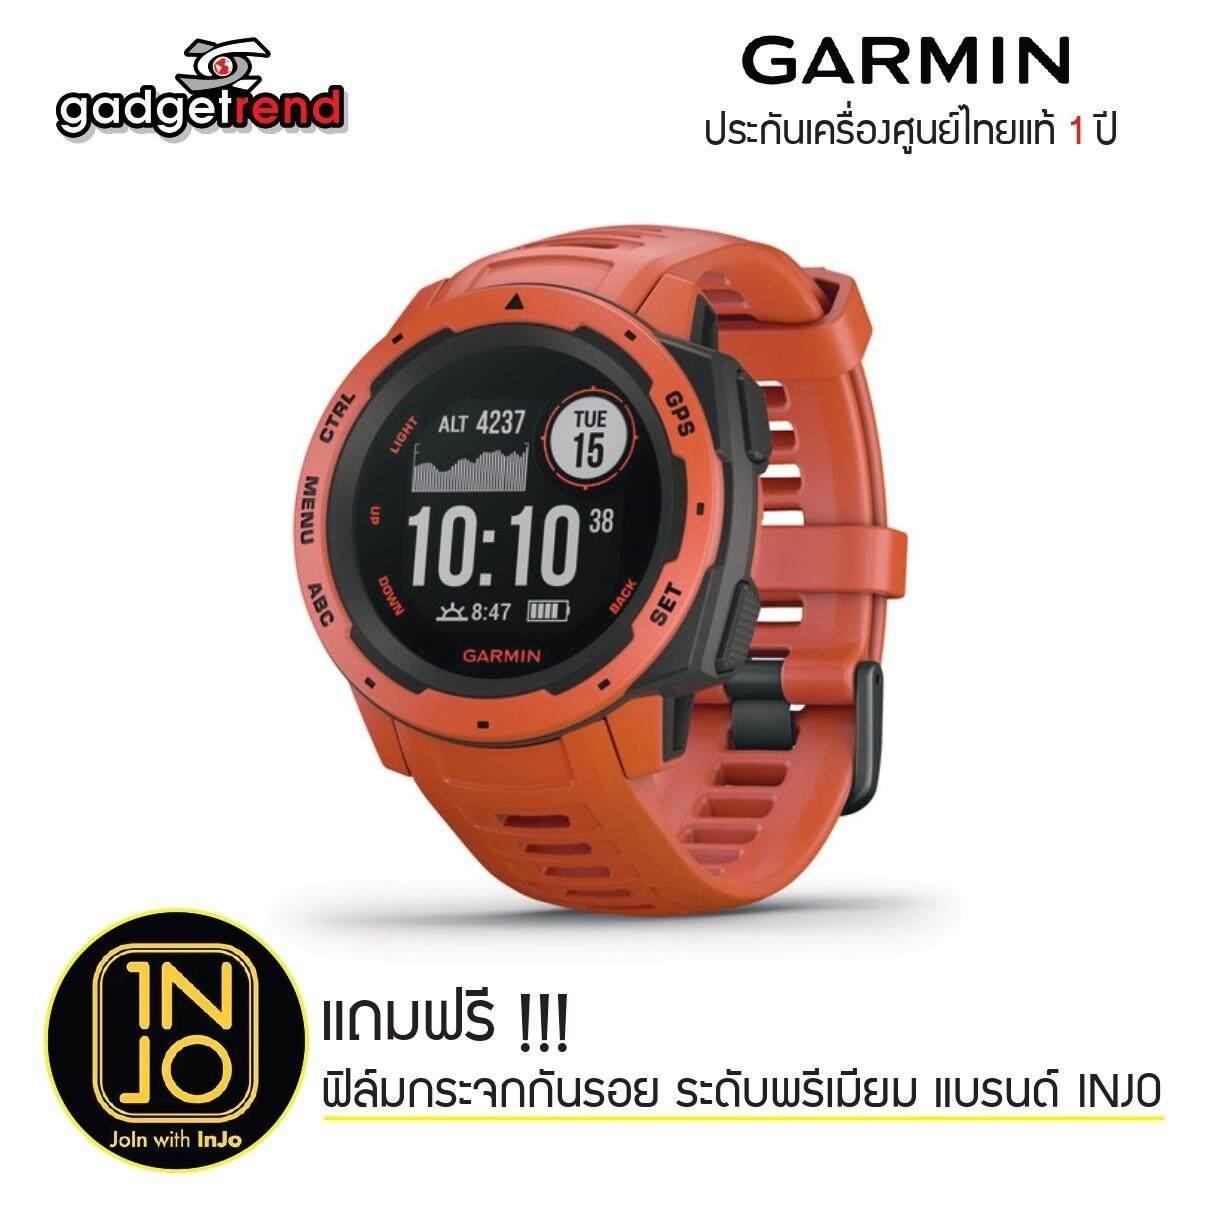 การใช้งาน  เพชรบูรณ์ Garmin Instinct นาฬิกา GPS รับประกันศูนย์ 1ปี !!